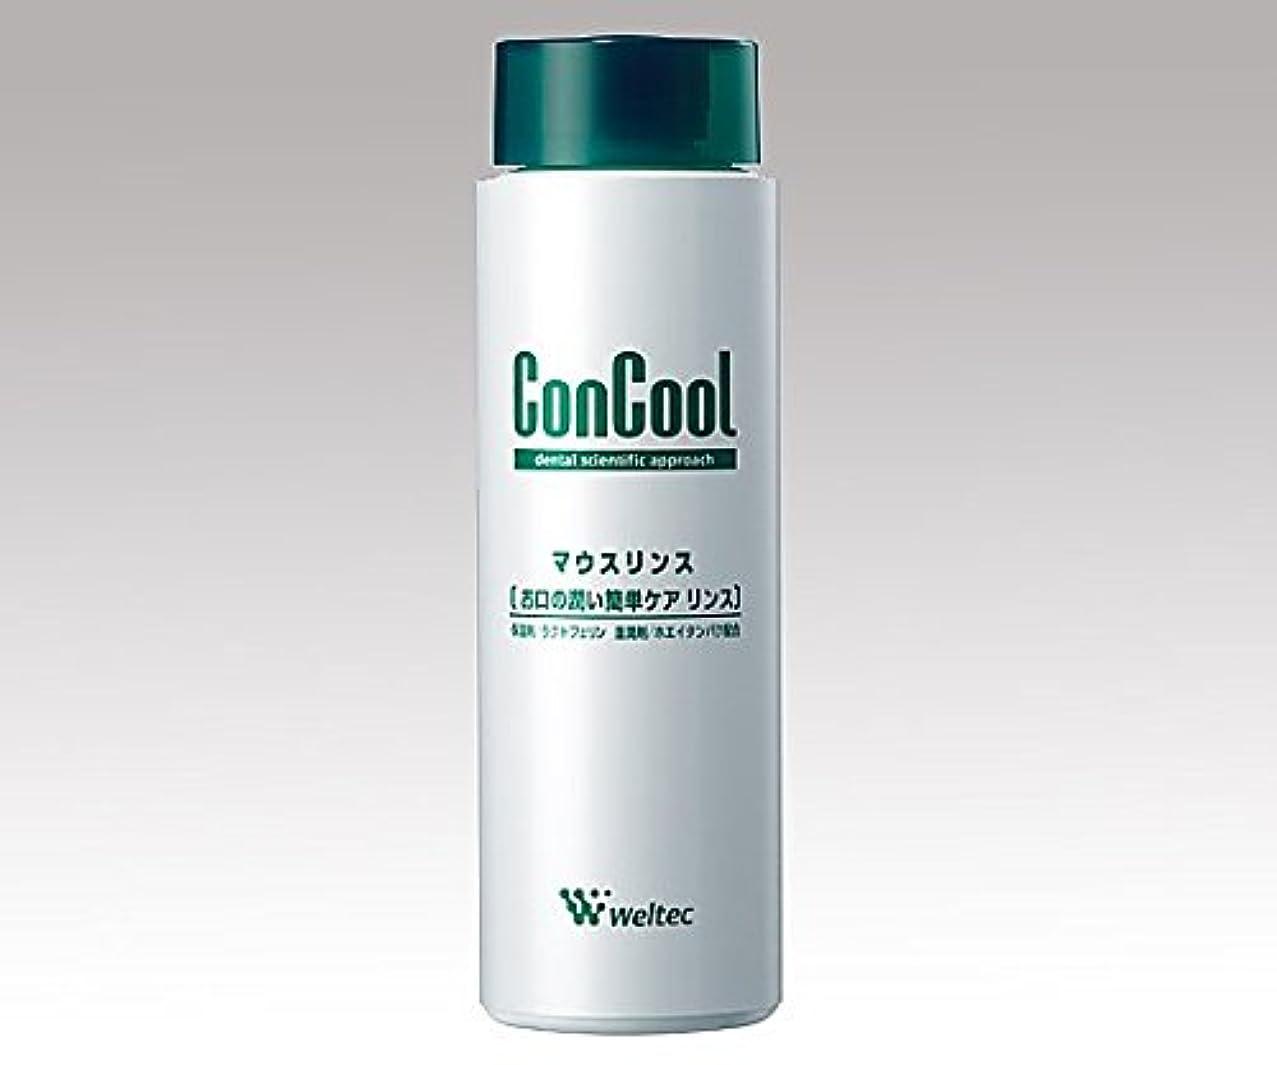 シットコムソファー材料8-3511-01洗口液(コンクール)250mL